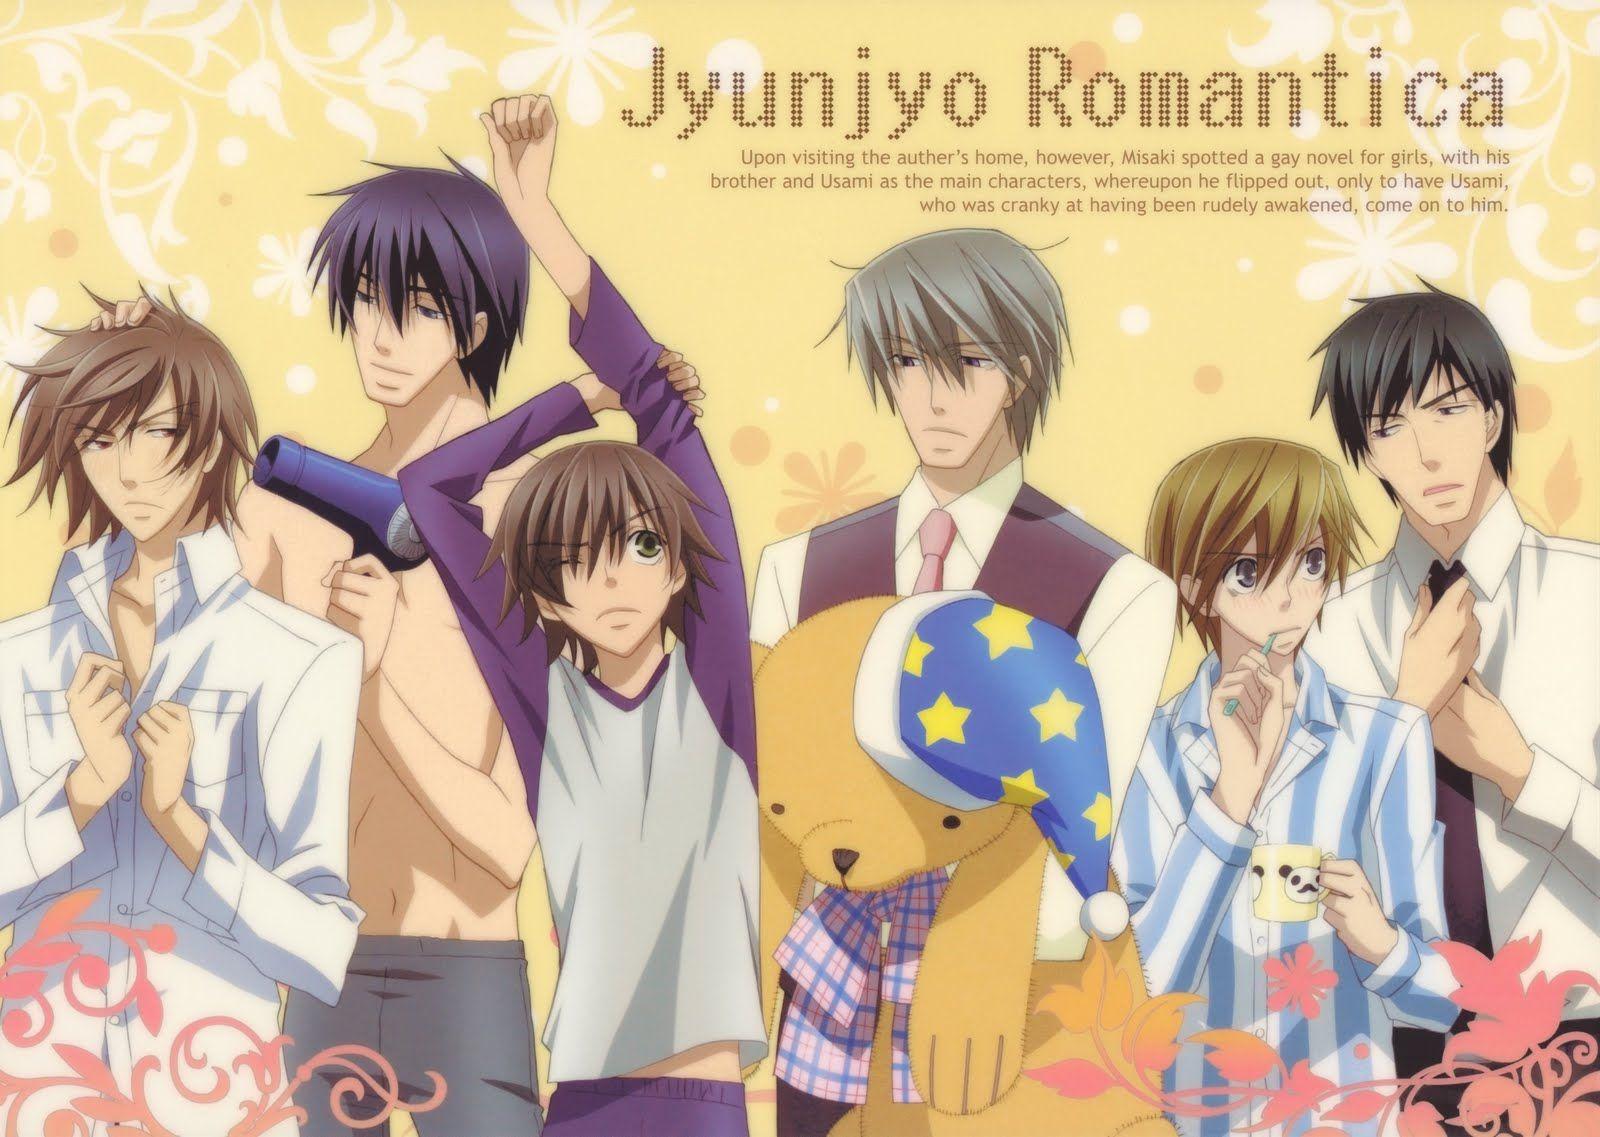 Junjou Romantica Junjou romantica, Junjō romantica, Anime